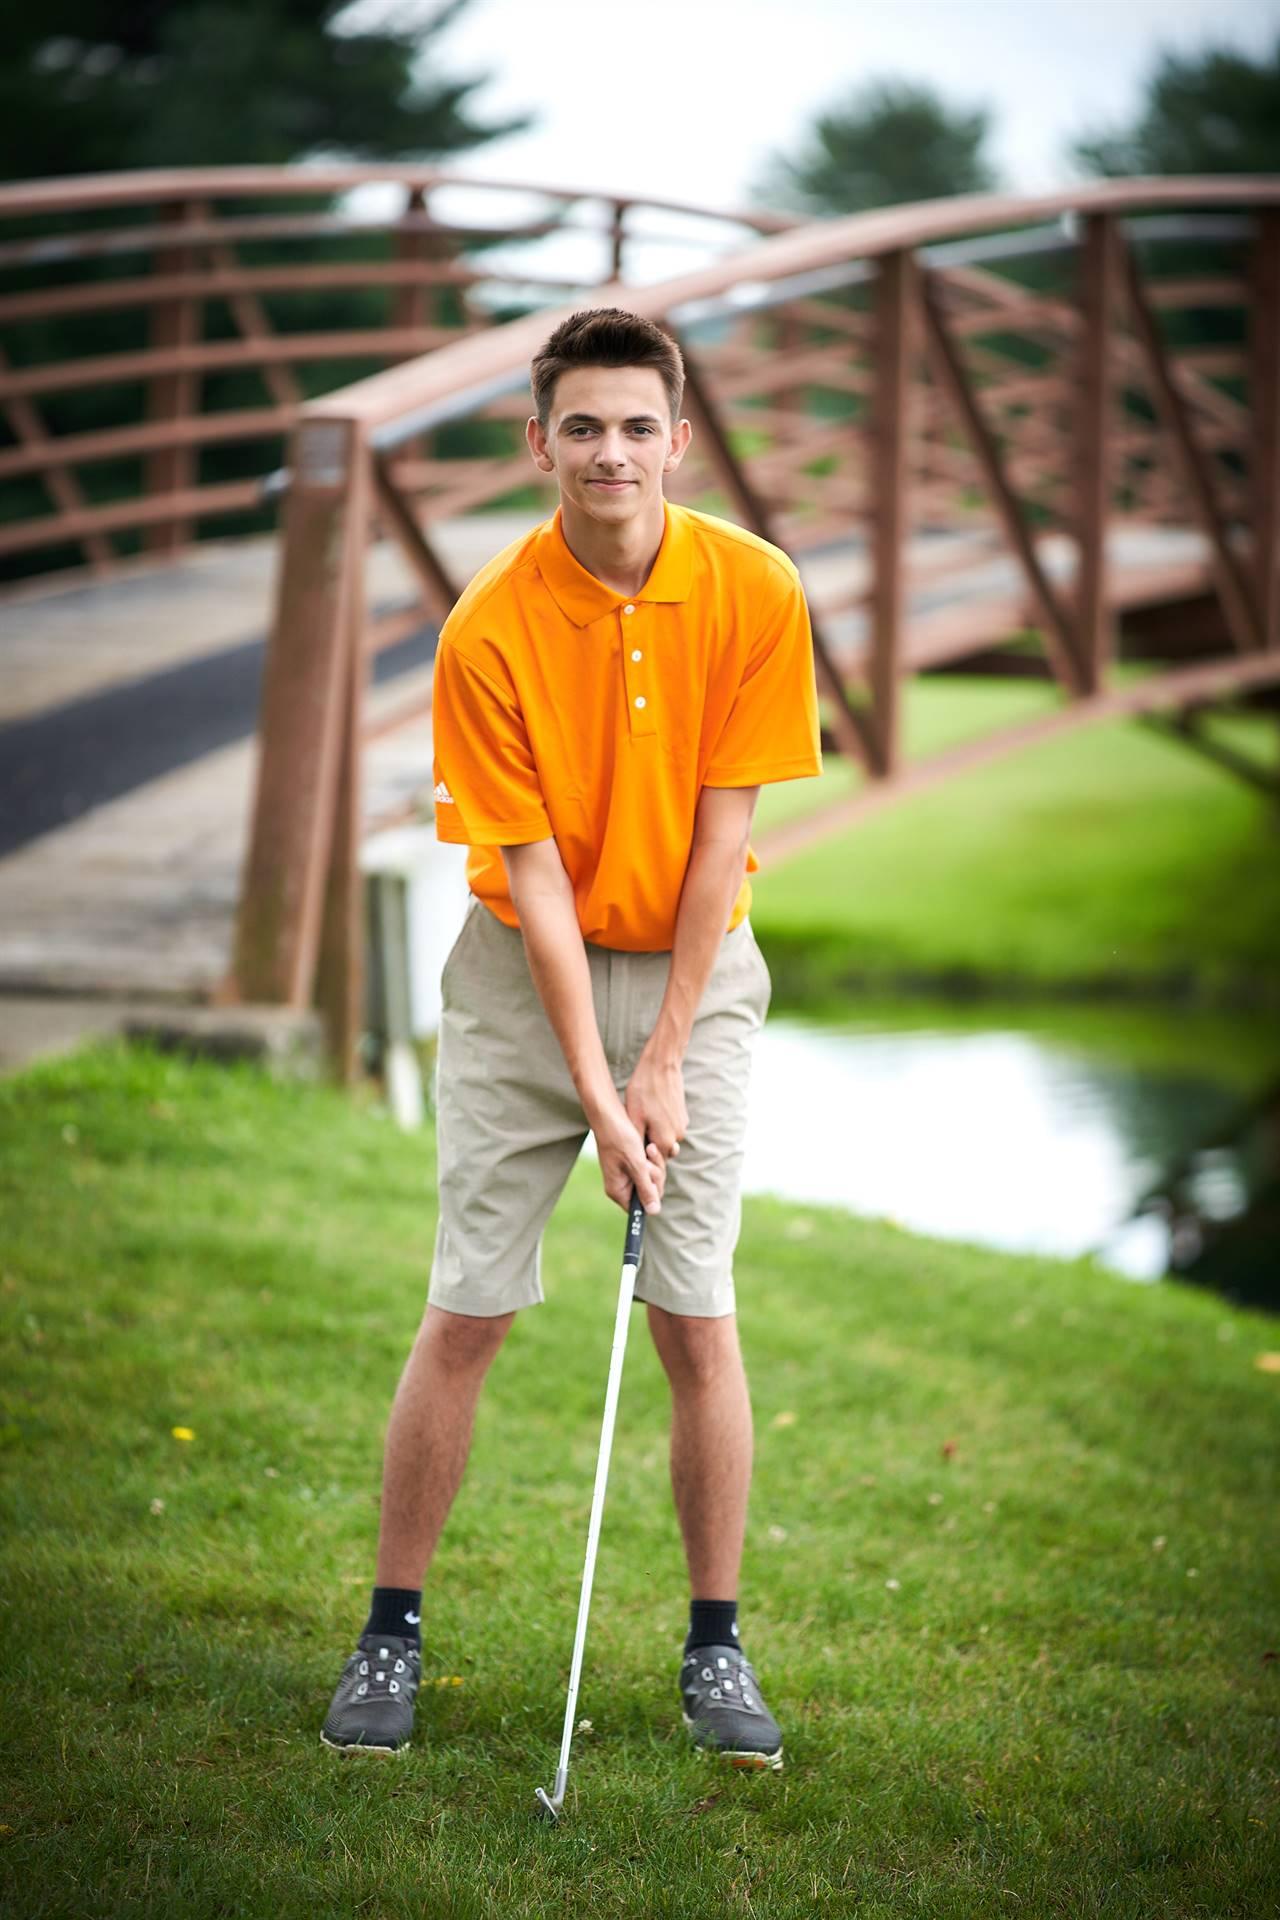 HS Boys Golf - Senior